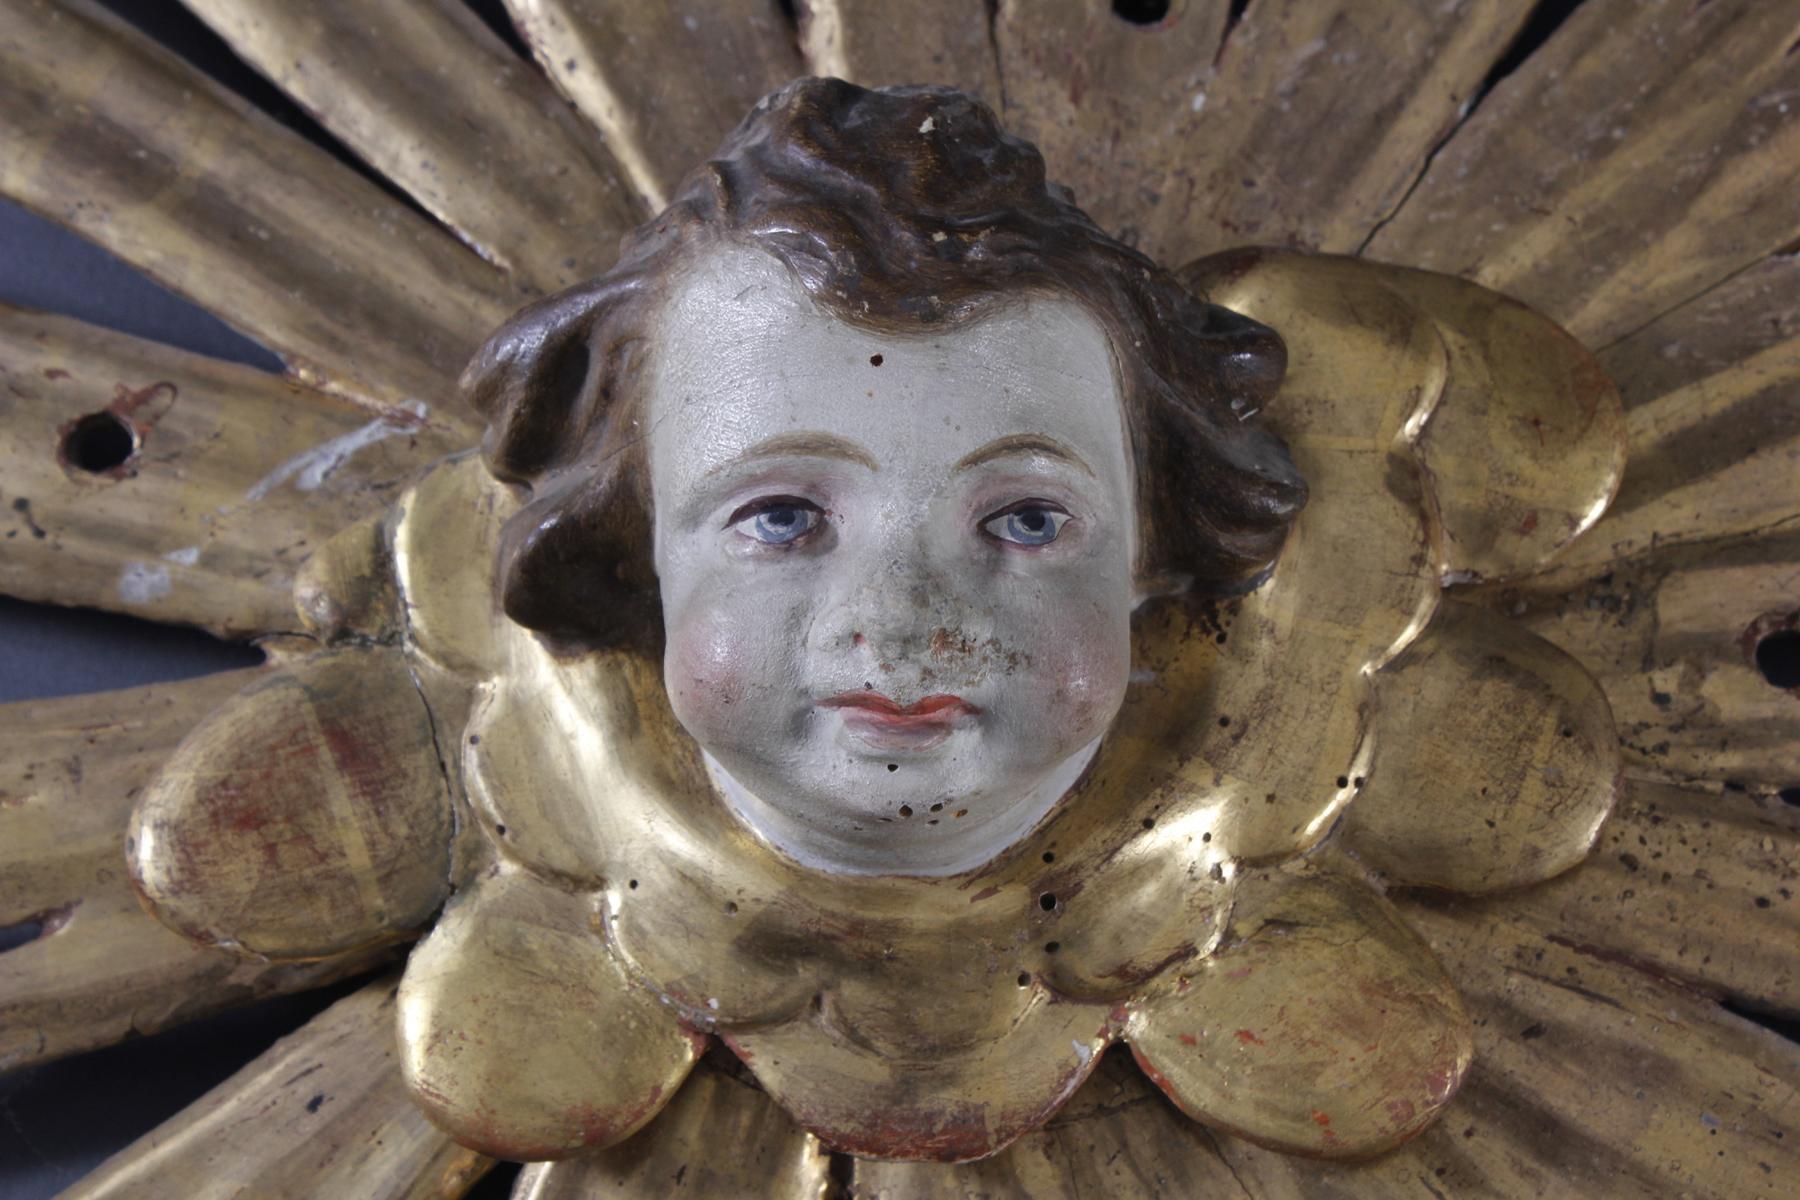 Barocker Sternenkranz mit Puttikopf, 18. Jh.-2